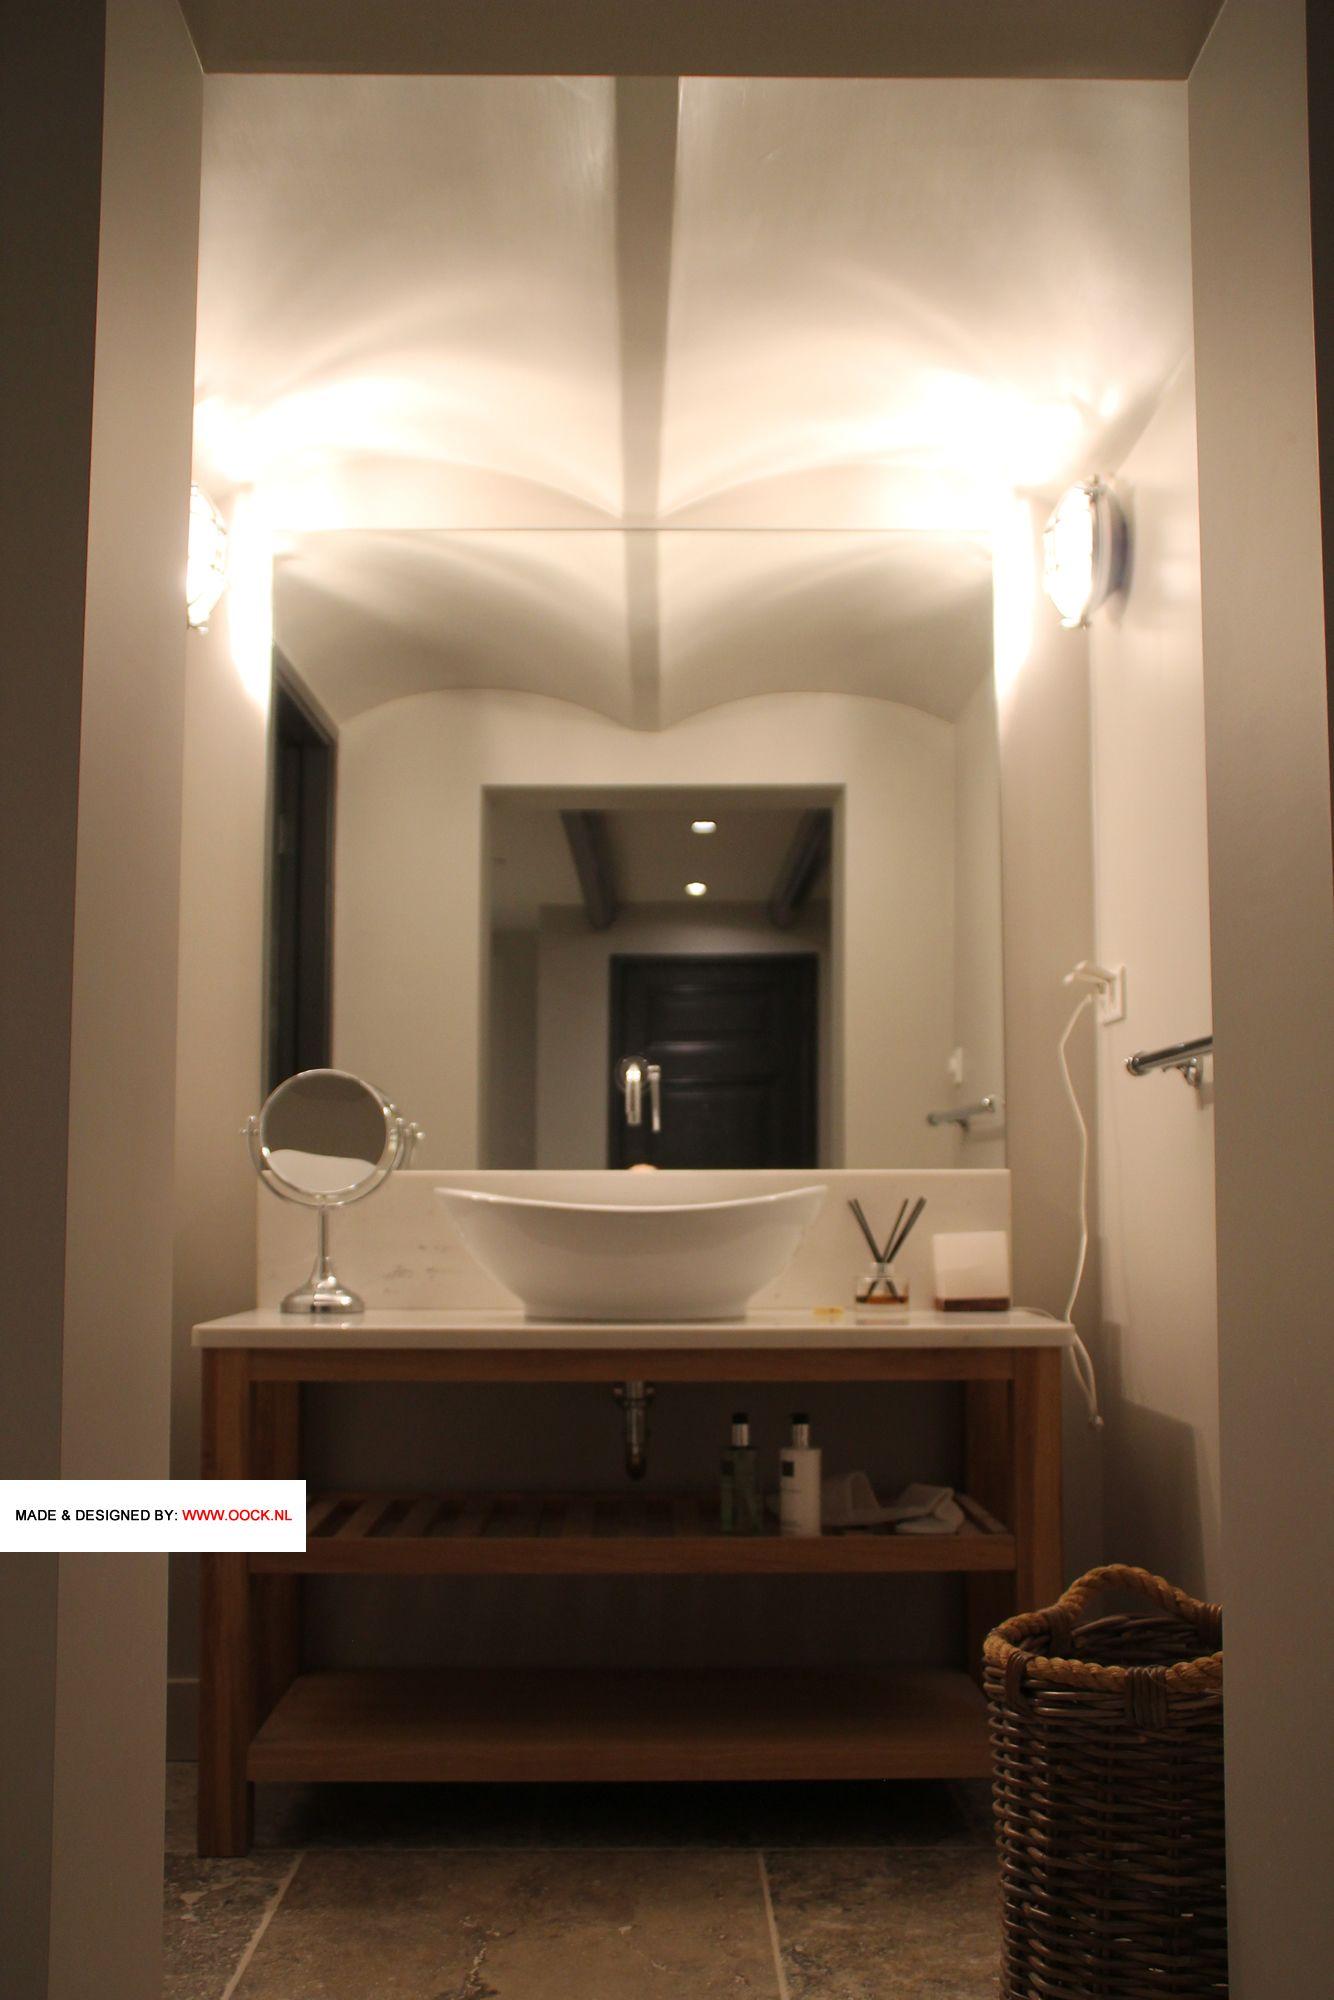 Badkamerkast Op Maat.Modern Klassieke Badkamerkast Op Maat Met Eiken Onderstel